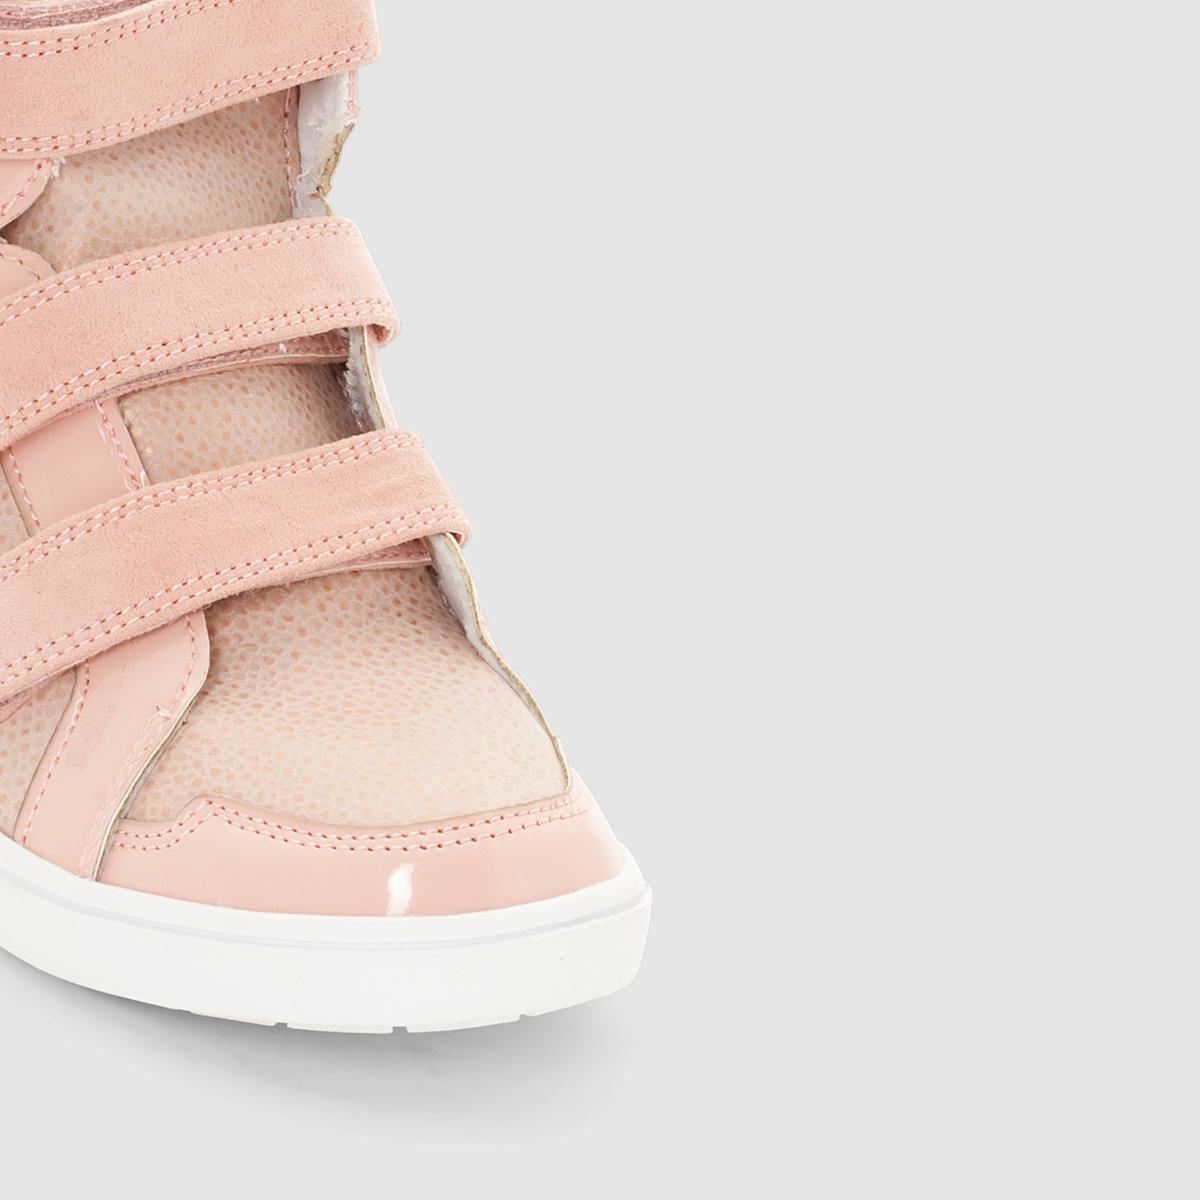 Кеды синтетическиеДетали  •  Спортивный стиль •  Плоский каблук •  Застежка : планка-велкроСостав и уход  • Верх 20% полиэстера, 80% полиуретана •  Подкладка 100% хлопок<br><br>Цвет: розовый<br>Размер: 32.39.26